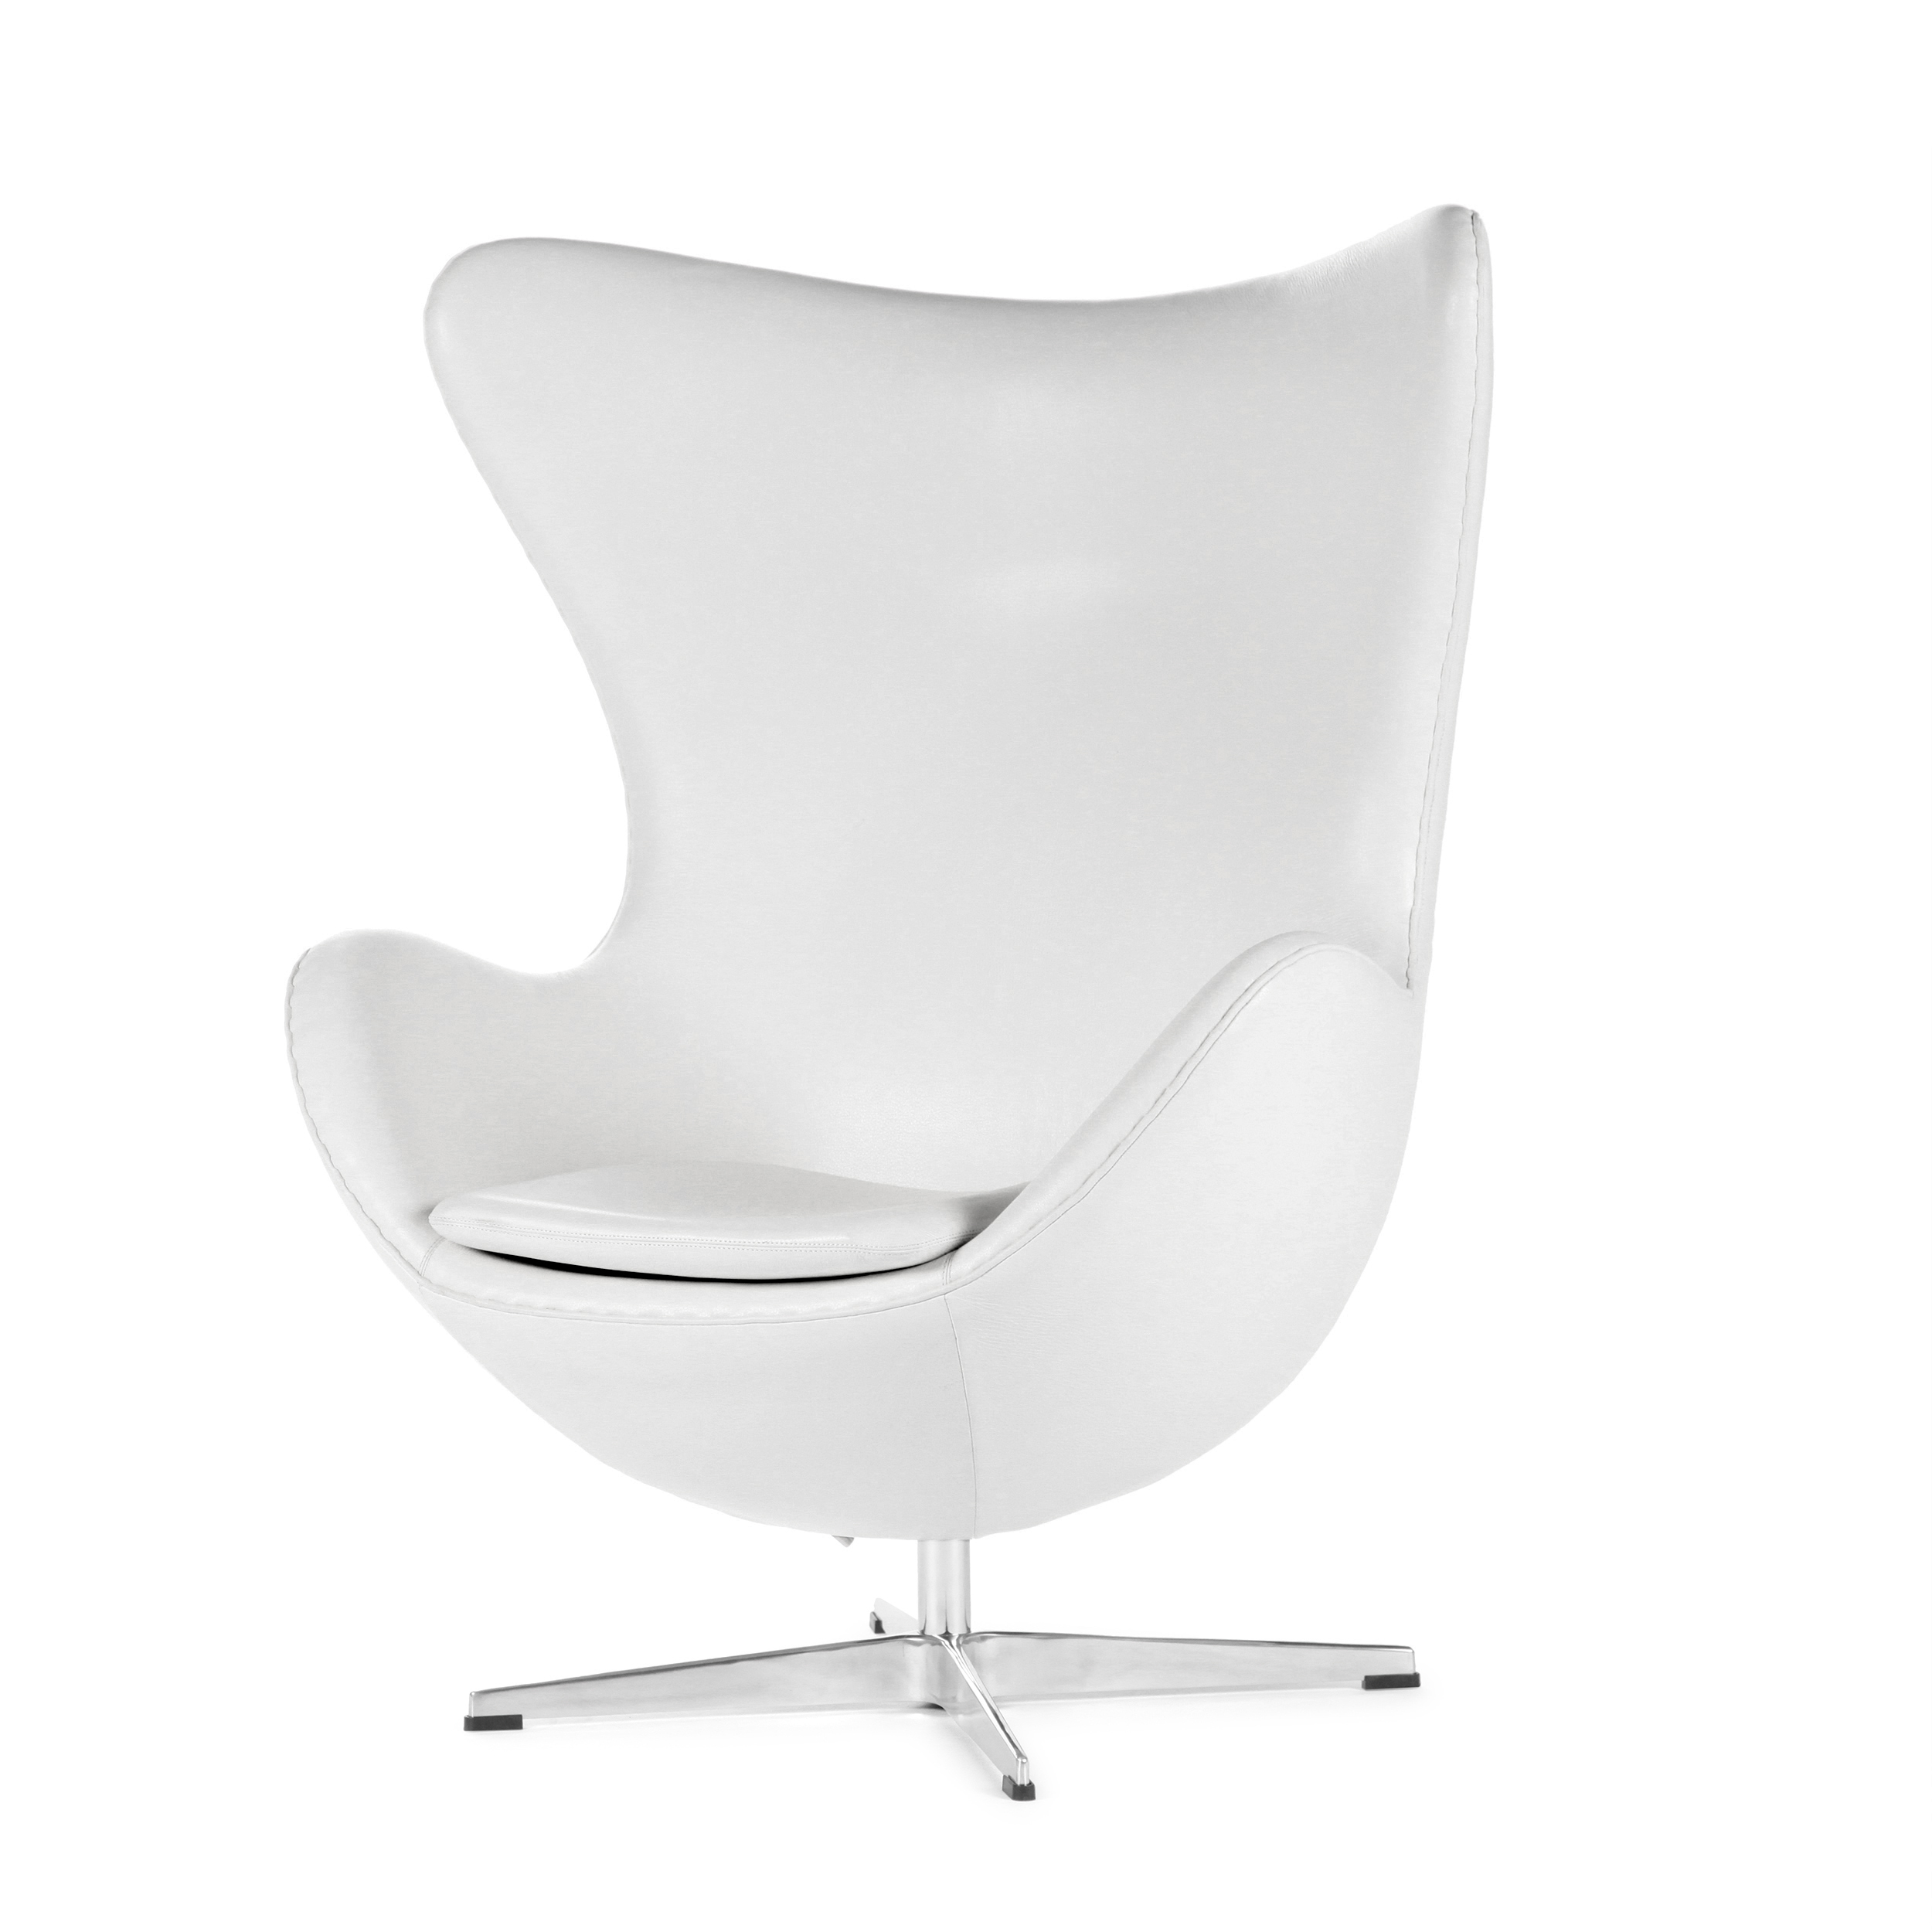 Кресло EggИнтерьерные<br>Дизайнерское комфортное кресло Egg (Эгг) в форме яйца на узкой ножке от Cosmo (Космо).<br><br><br> Кресло, своими очертаниями напоминающее яйцо, — одно из самых известных творений датского дизайнера Арне Якобсена. Вряд ли оно когда-нибудь выйдет из моды — уж слишком велик диапазон его интерьерных возможностей. Кроме того, обыгрывать данную форму помогают различные фактуры и цвета обивок.<br><br><br> Особенно приятно и солидно смотрится оригинальное кресло Egg в обивке из натуральной кожи, представлен...<br><br>stock: 1<br>Высота: 105,5<br>Высота сиденья: 41<br>Ширина: 87<br>Глубина: 82<br>Цвет ножек: Хром<br>Коллекция ткани: Harry Leather<br>Тип материала обивки: Кожа<br>Тип материала ножек: Алюминий<br>Цвет обивки: Белый